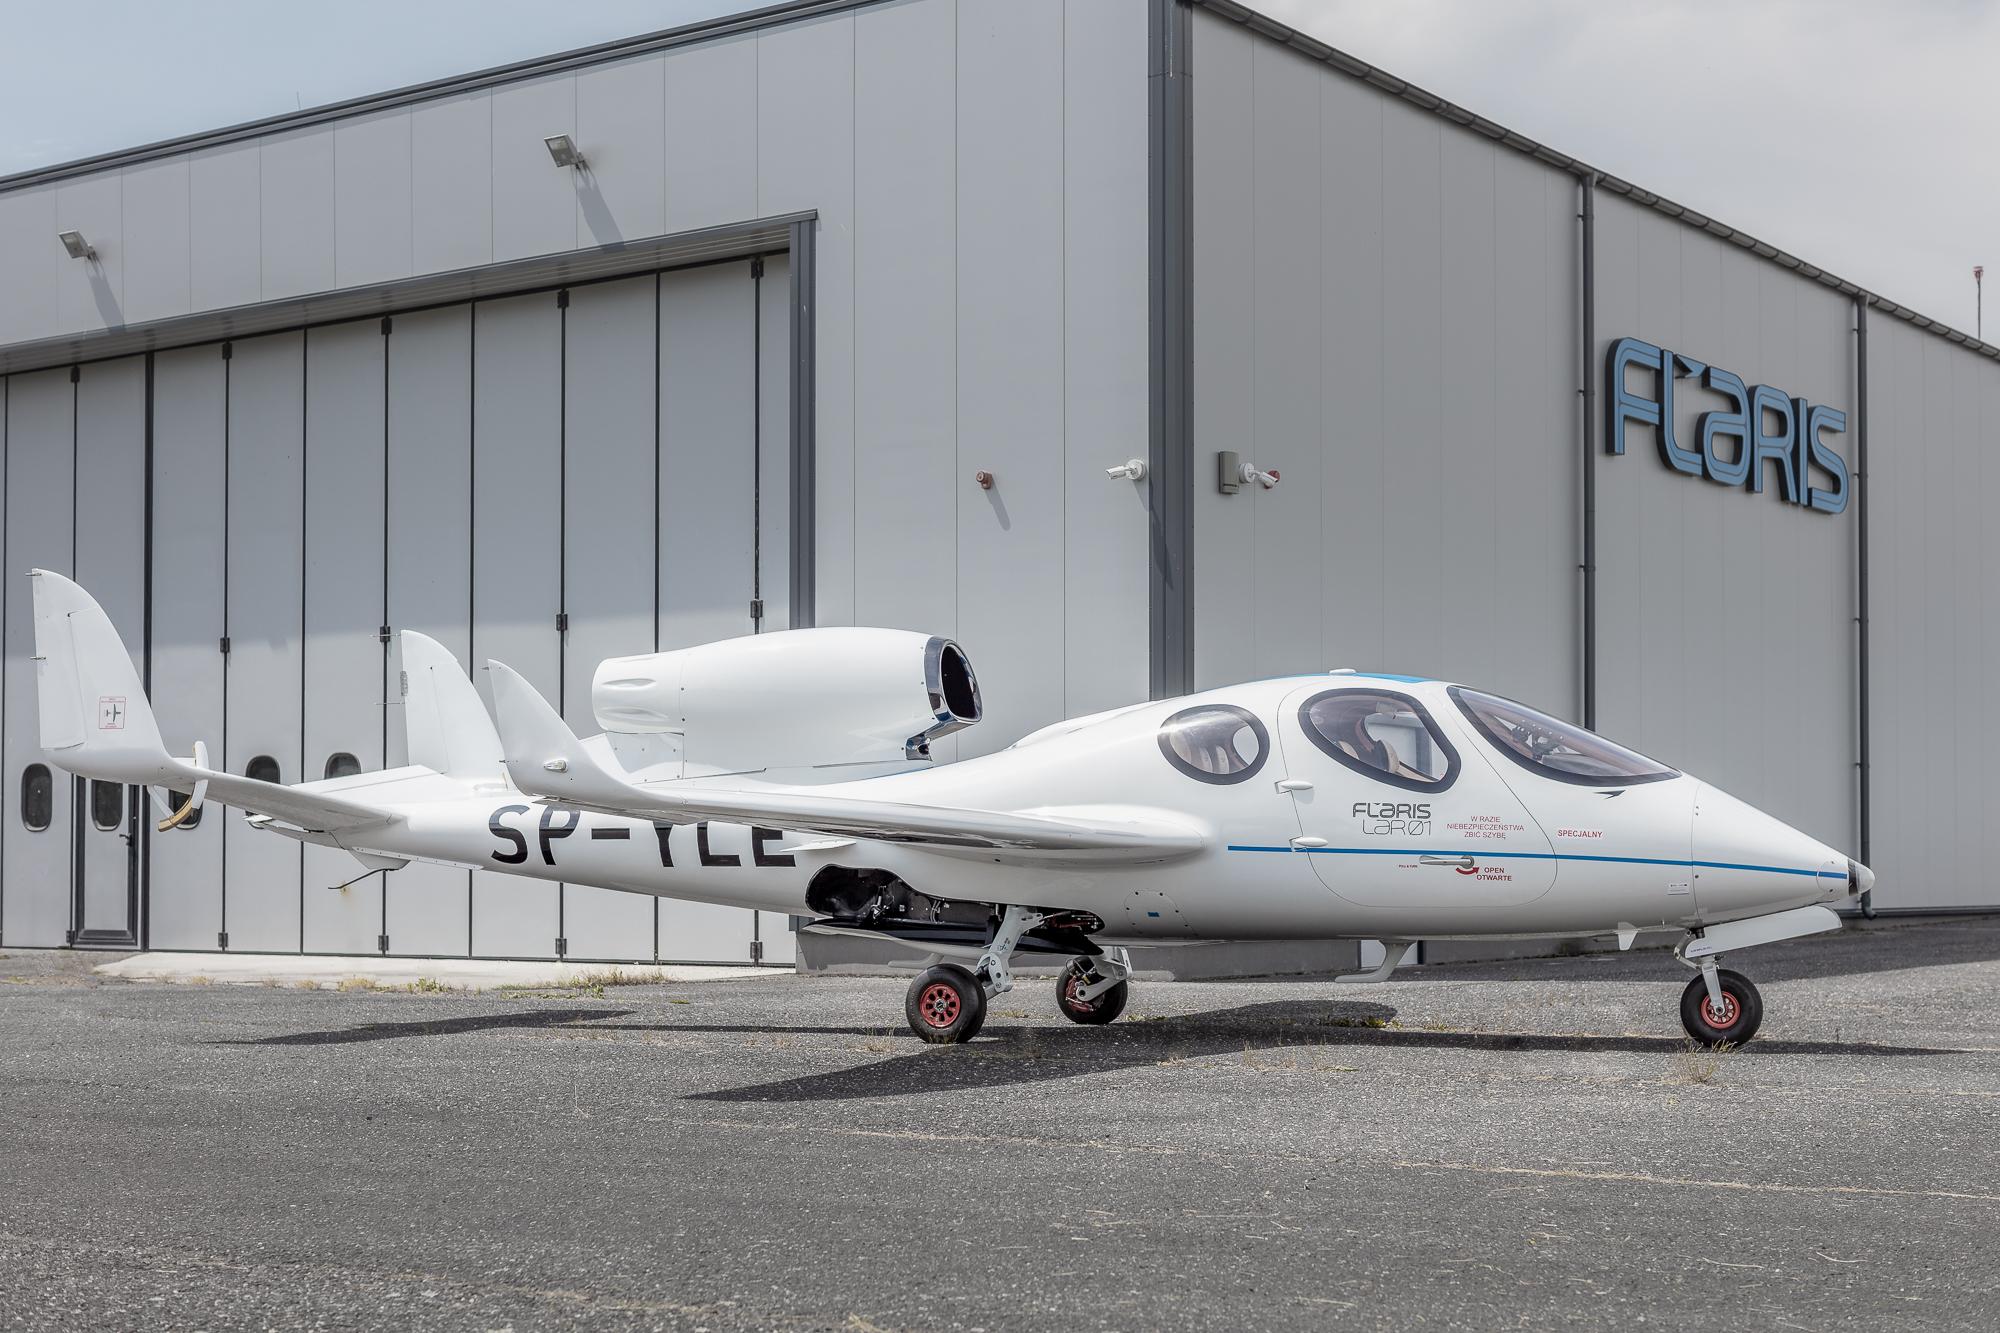 Flaris will participate in Aeromixer 2021